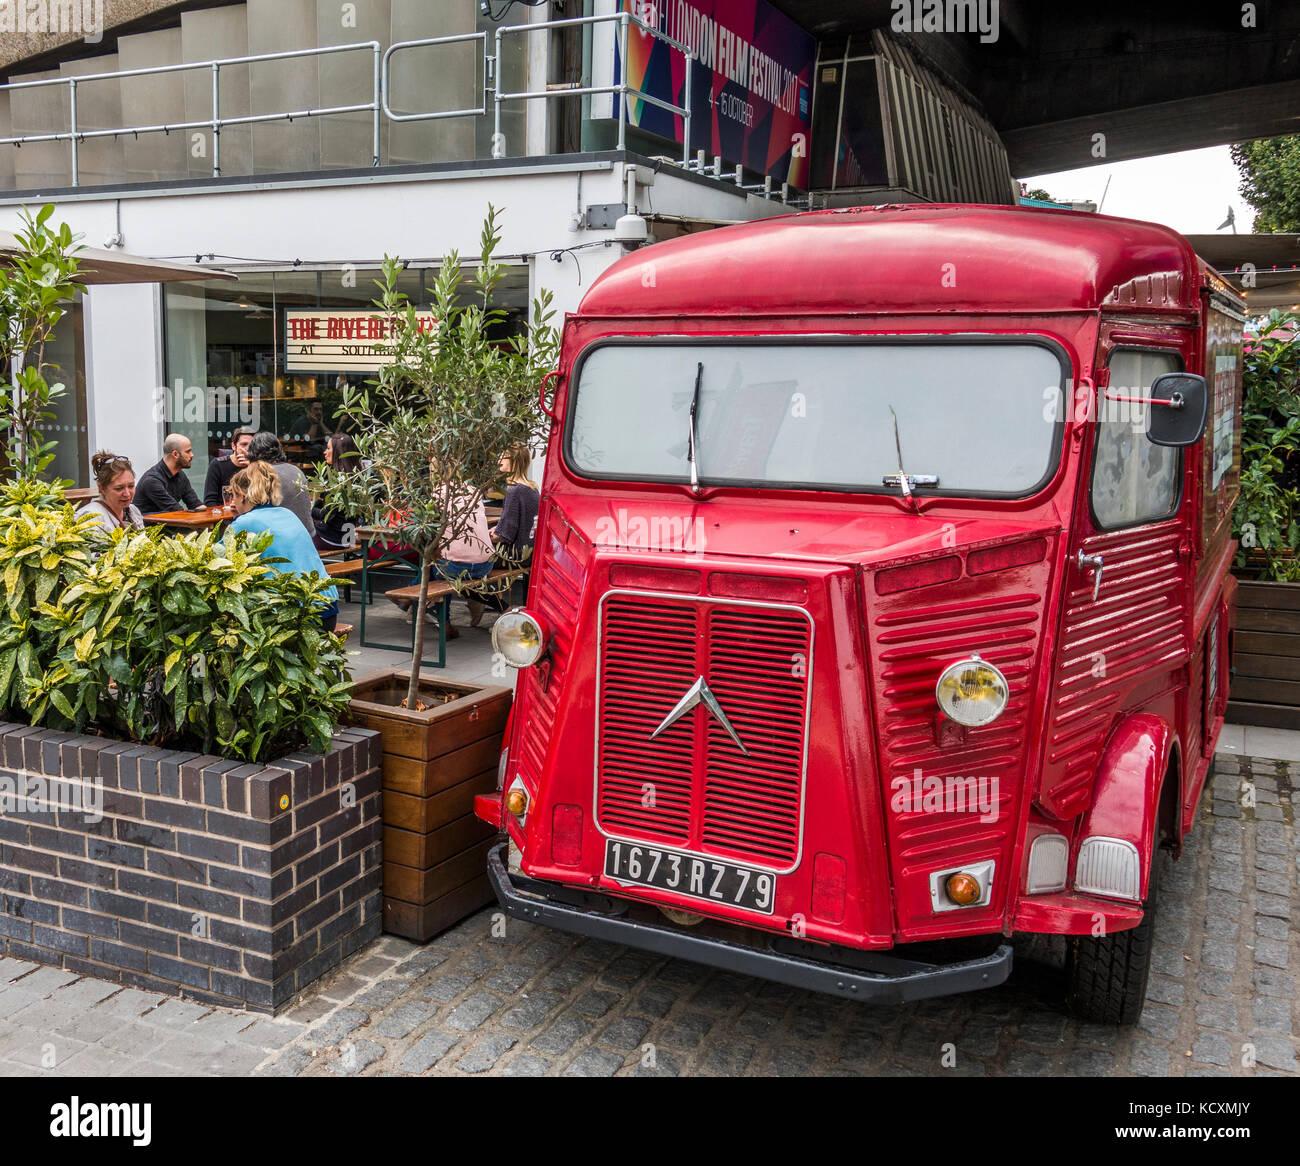 Un vintage Citroën H panel van pintadas de rojo y aparcamos fuera un bar / restaurante en el South Bank de Londres, Inglaterra, Reino Unido. Foto de stock